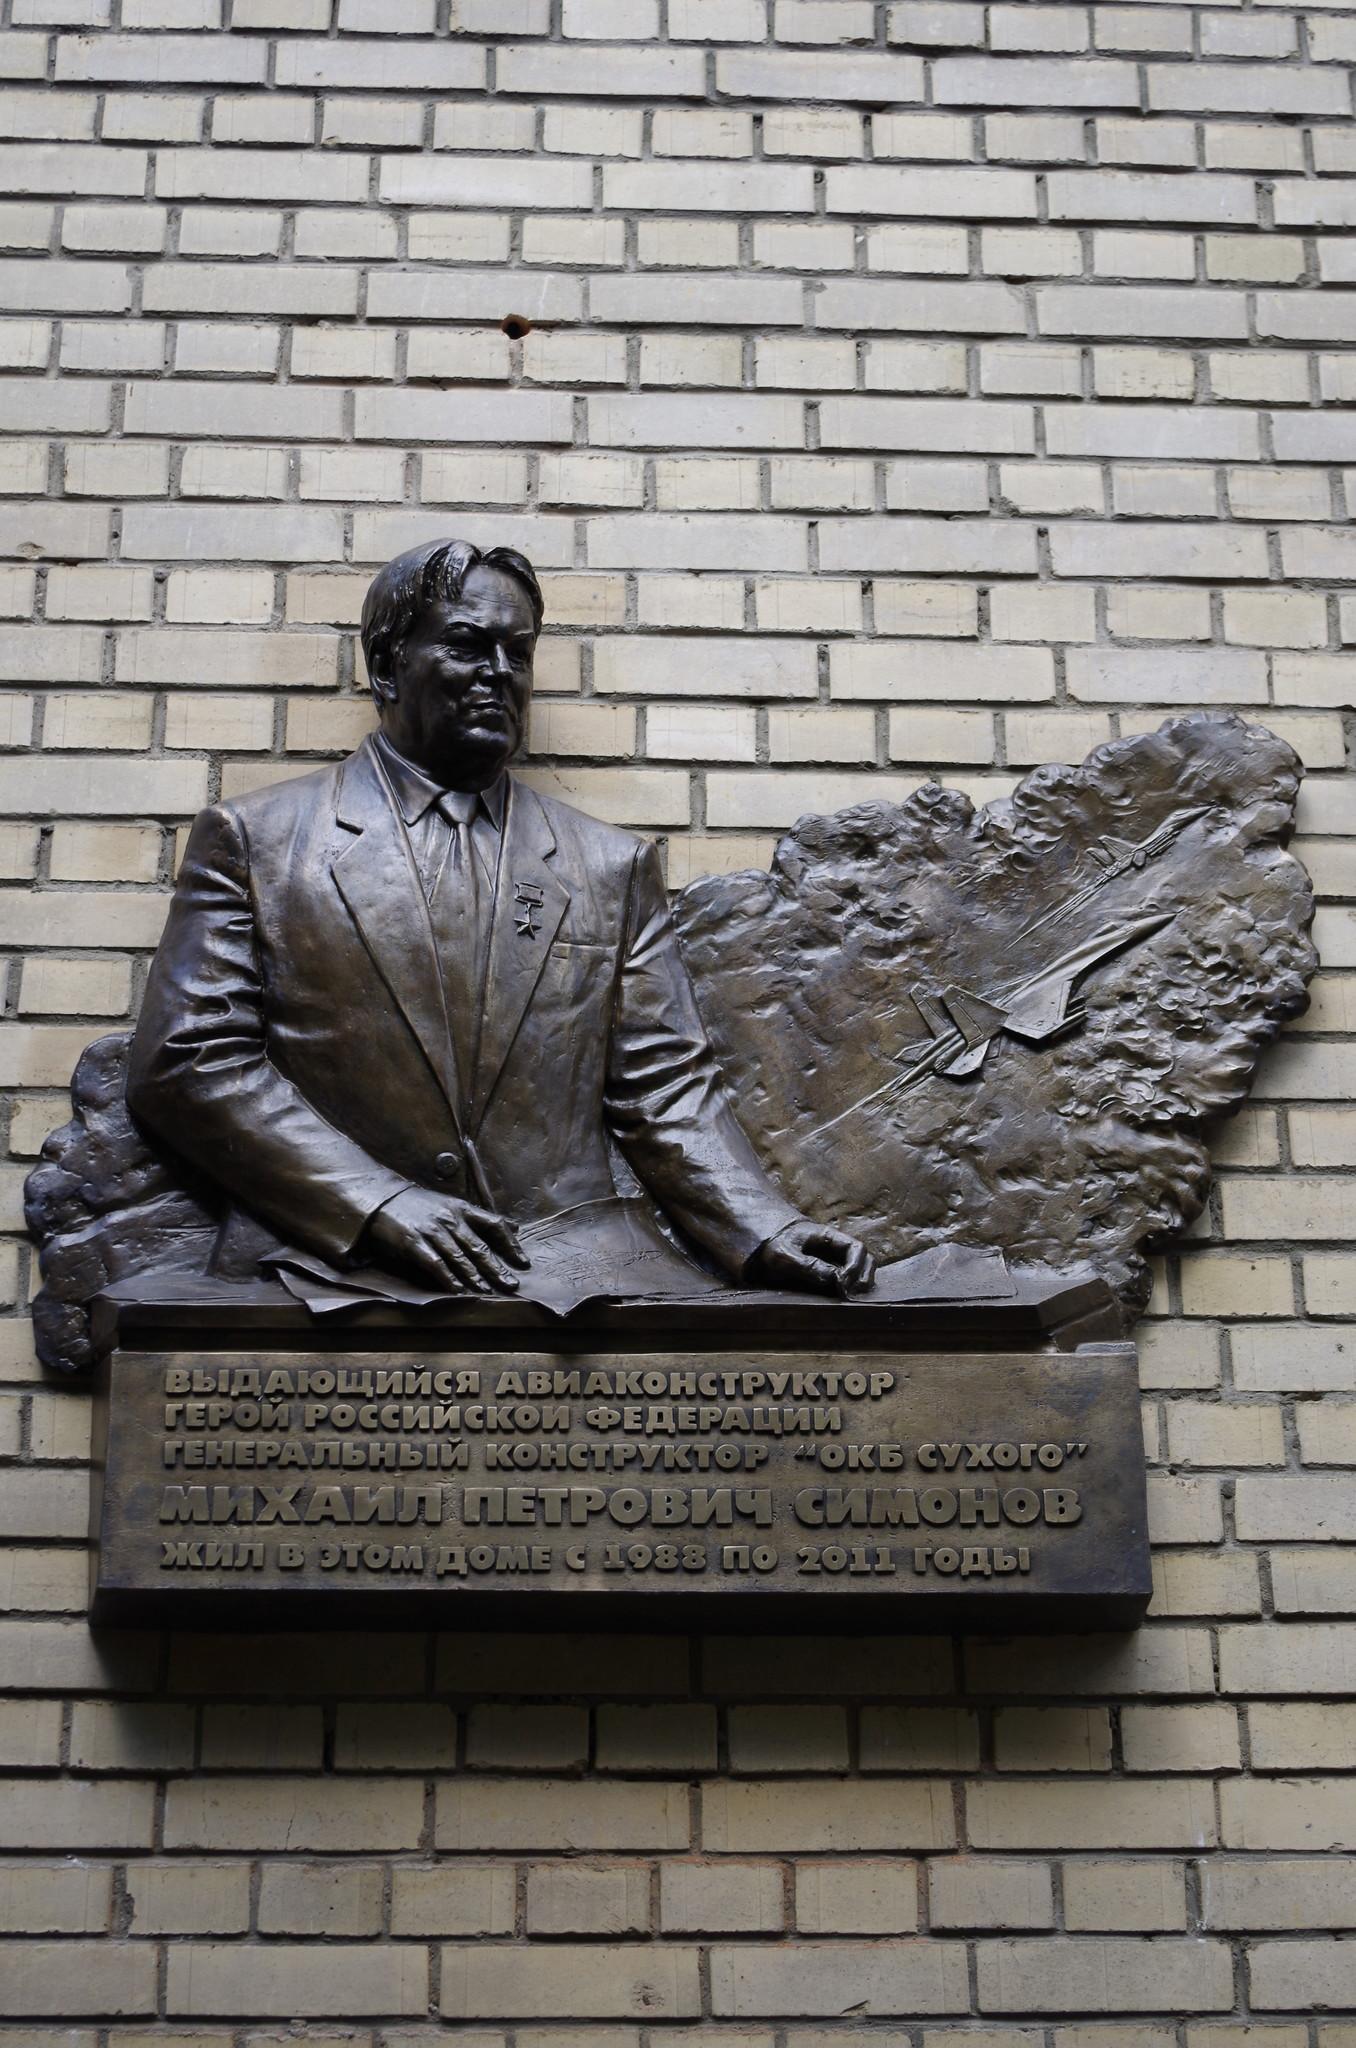 Мемориальная доска на фасаде дома (Конаковский проезд, дом 8, корпус 2), где жил выдающийся авиаконструктор Михаил Петрович Симонов